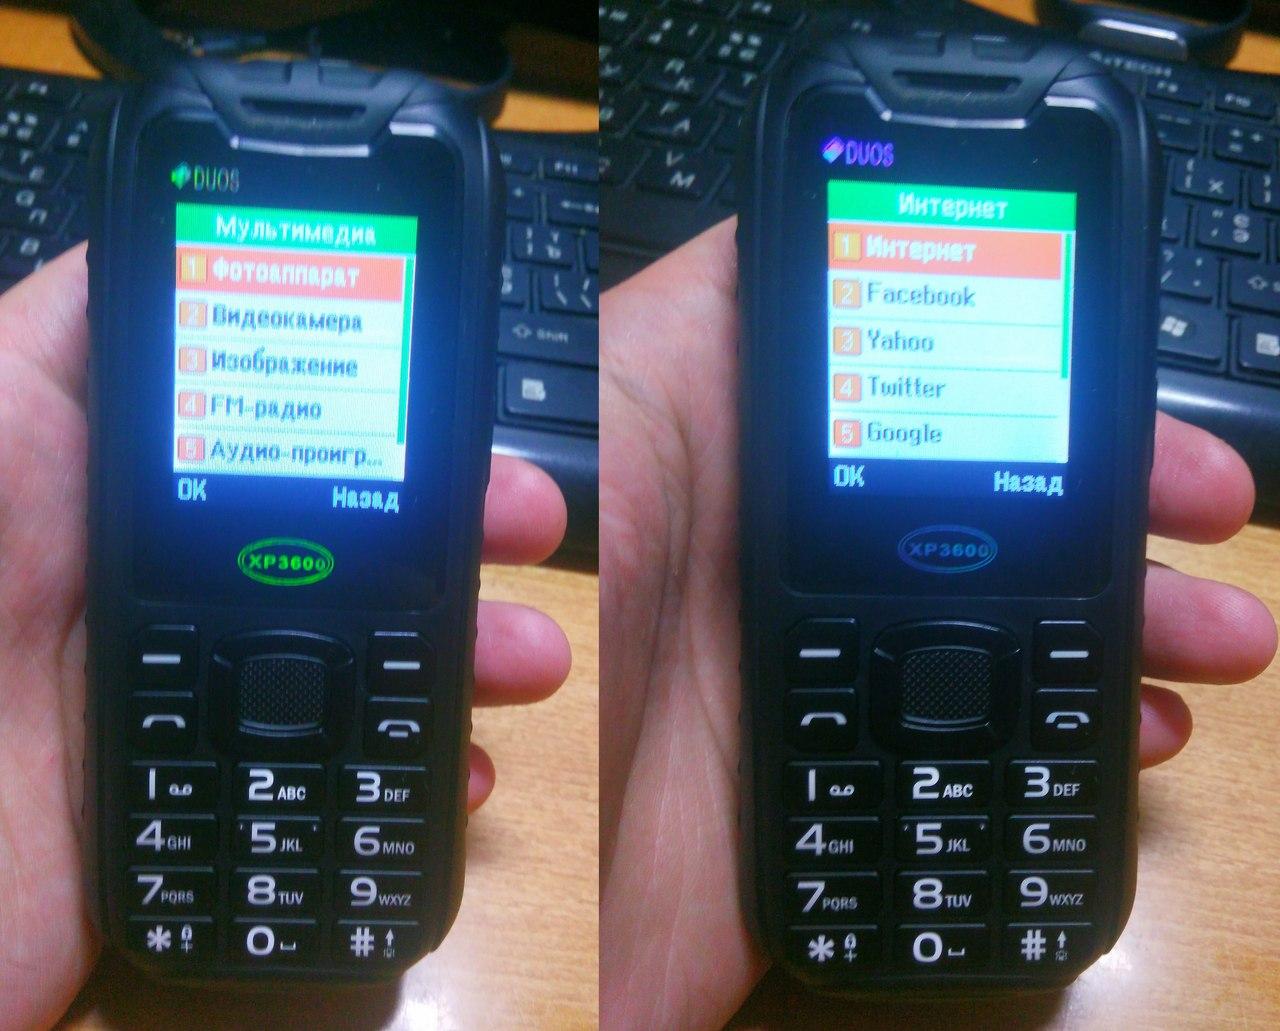 GearBest: Обзор практически идеальной звонилки-павербанка